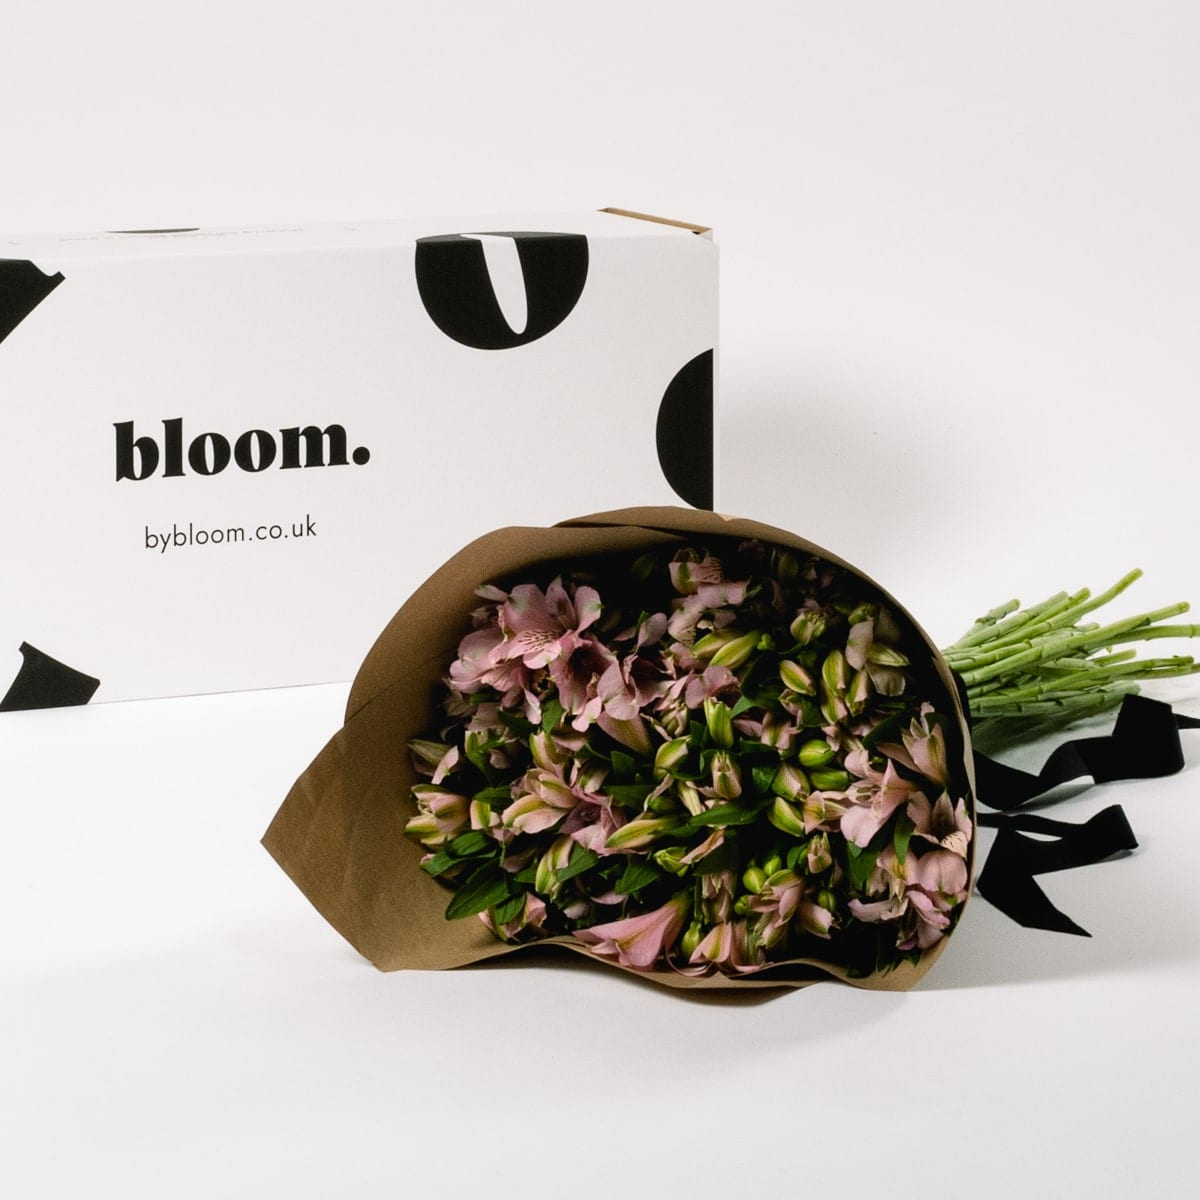 Bloom Flower Delivery | Powder Pink Alstroemeria